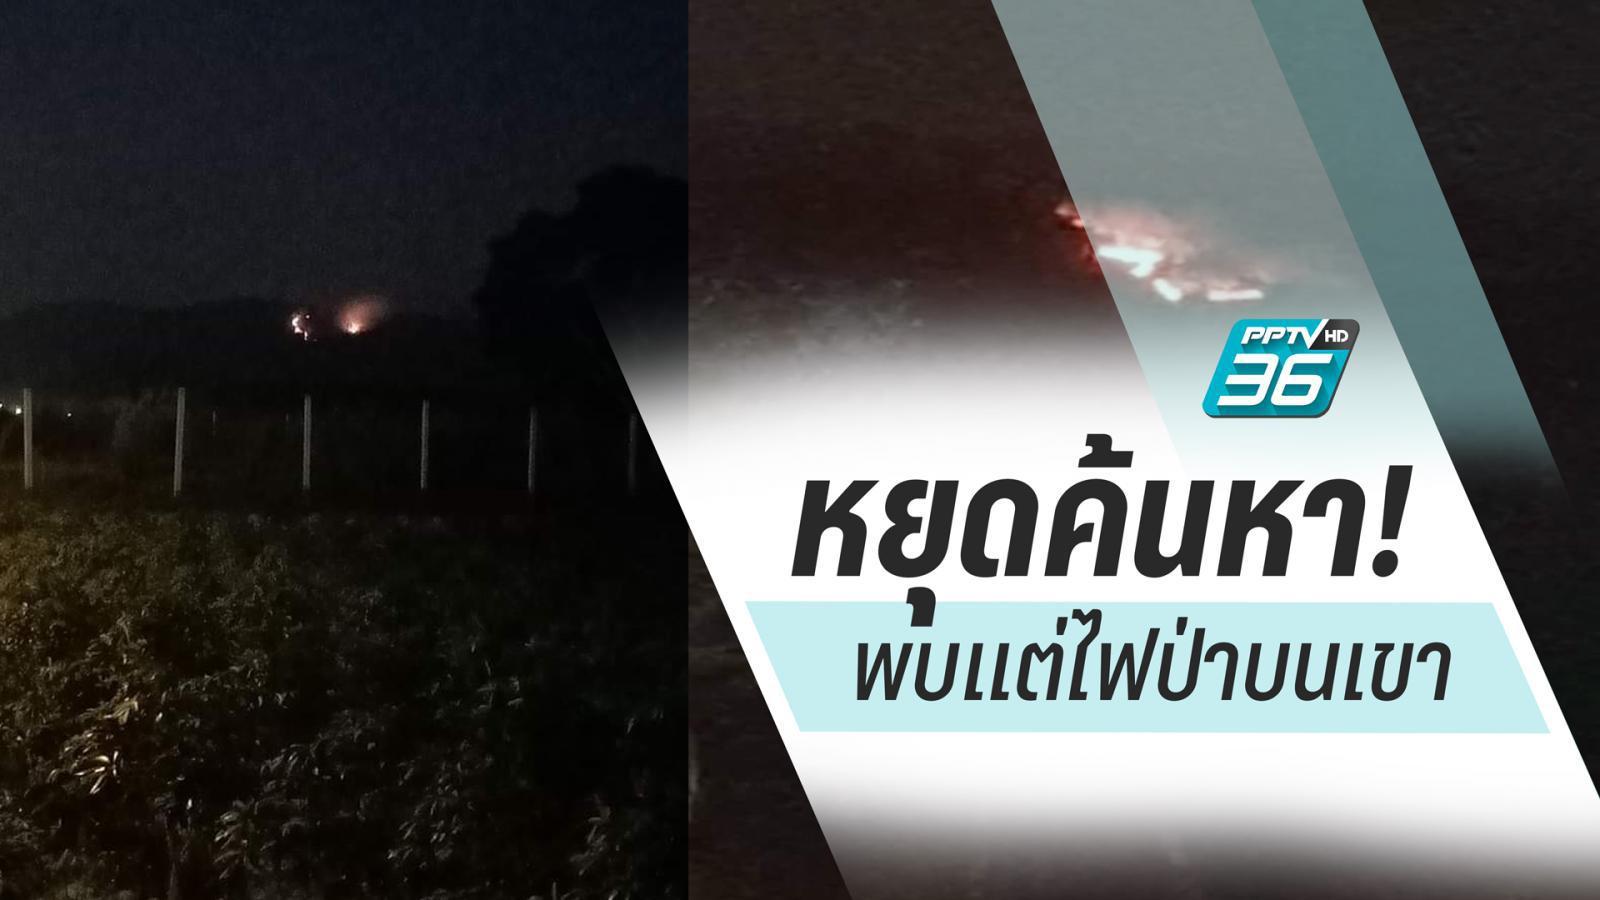 หยุดค้นหา! ซากเครื่องบินตกพื้นที่ระยอง หลังพบแต่ไฟป่าบนเขา